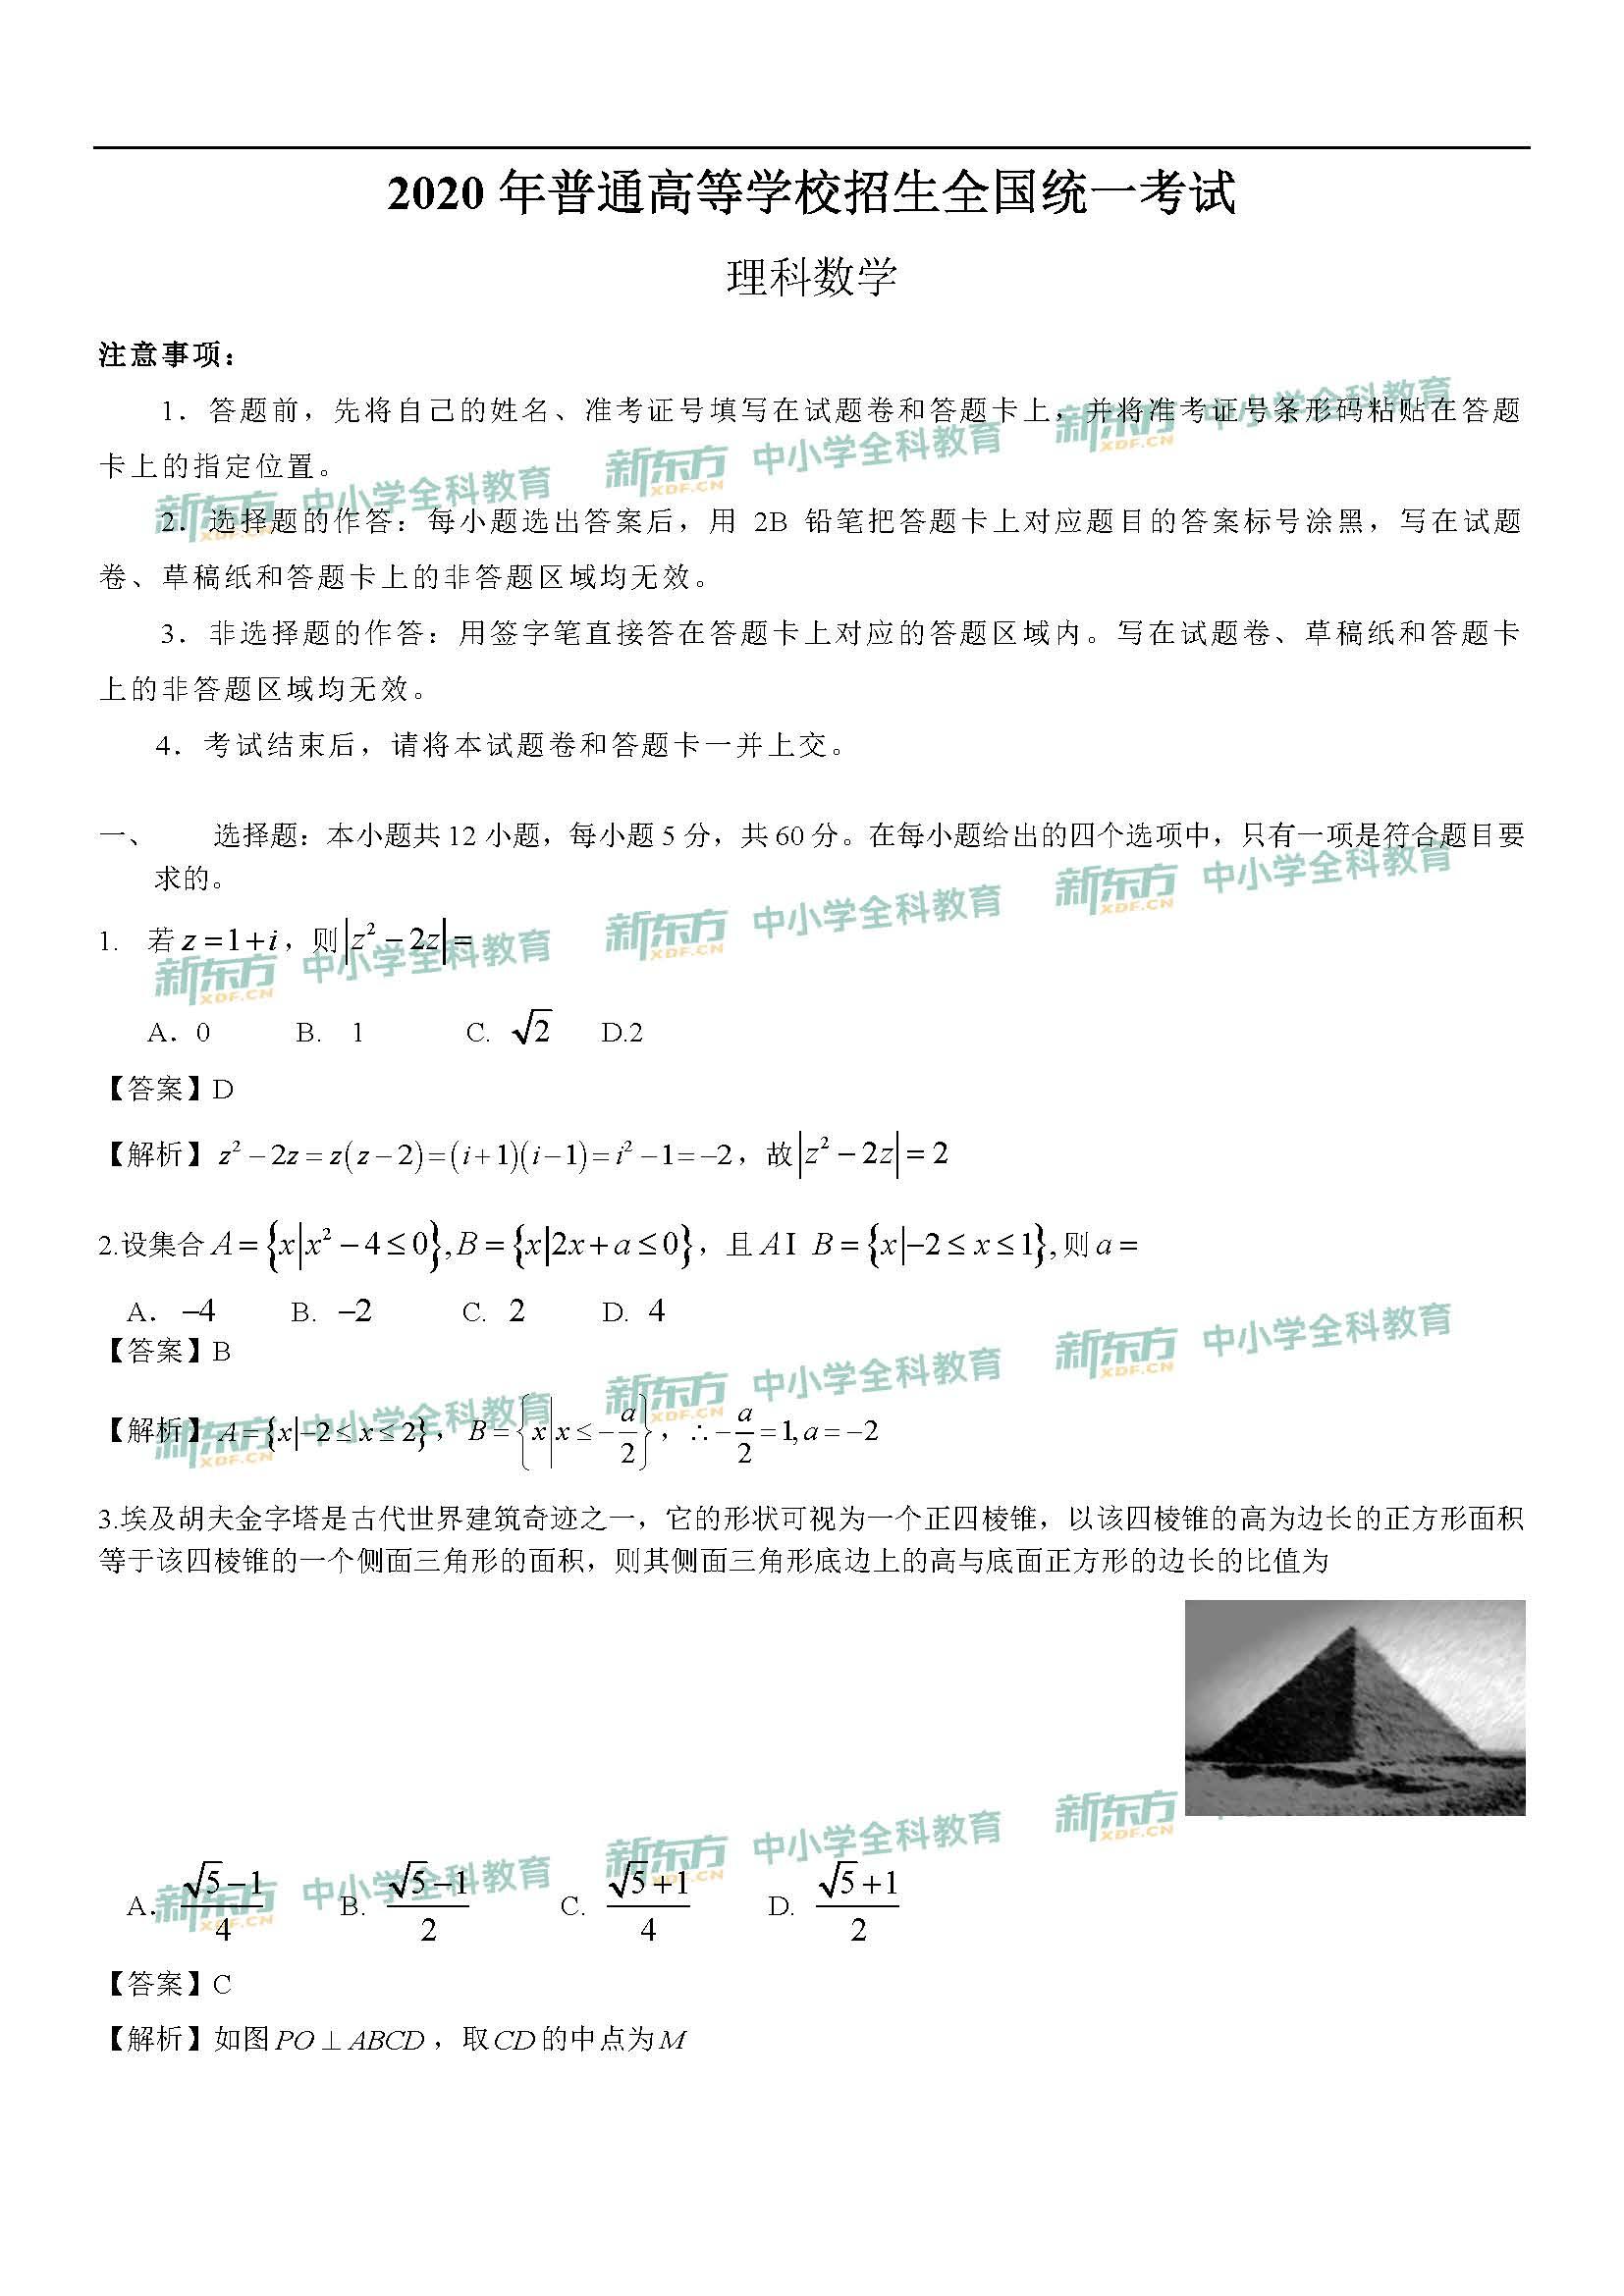 2020年全国1高考理科数学答案解析(郑州新东方中学)